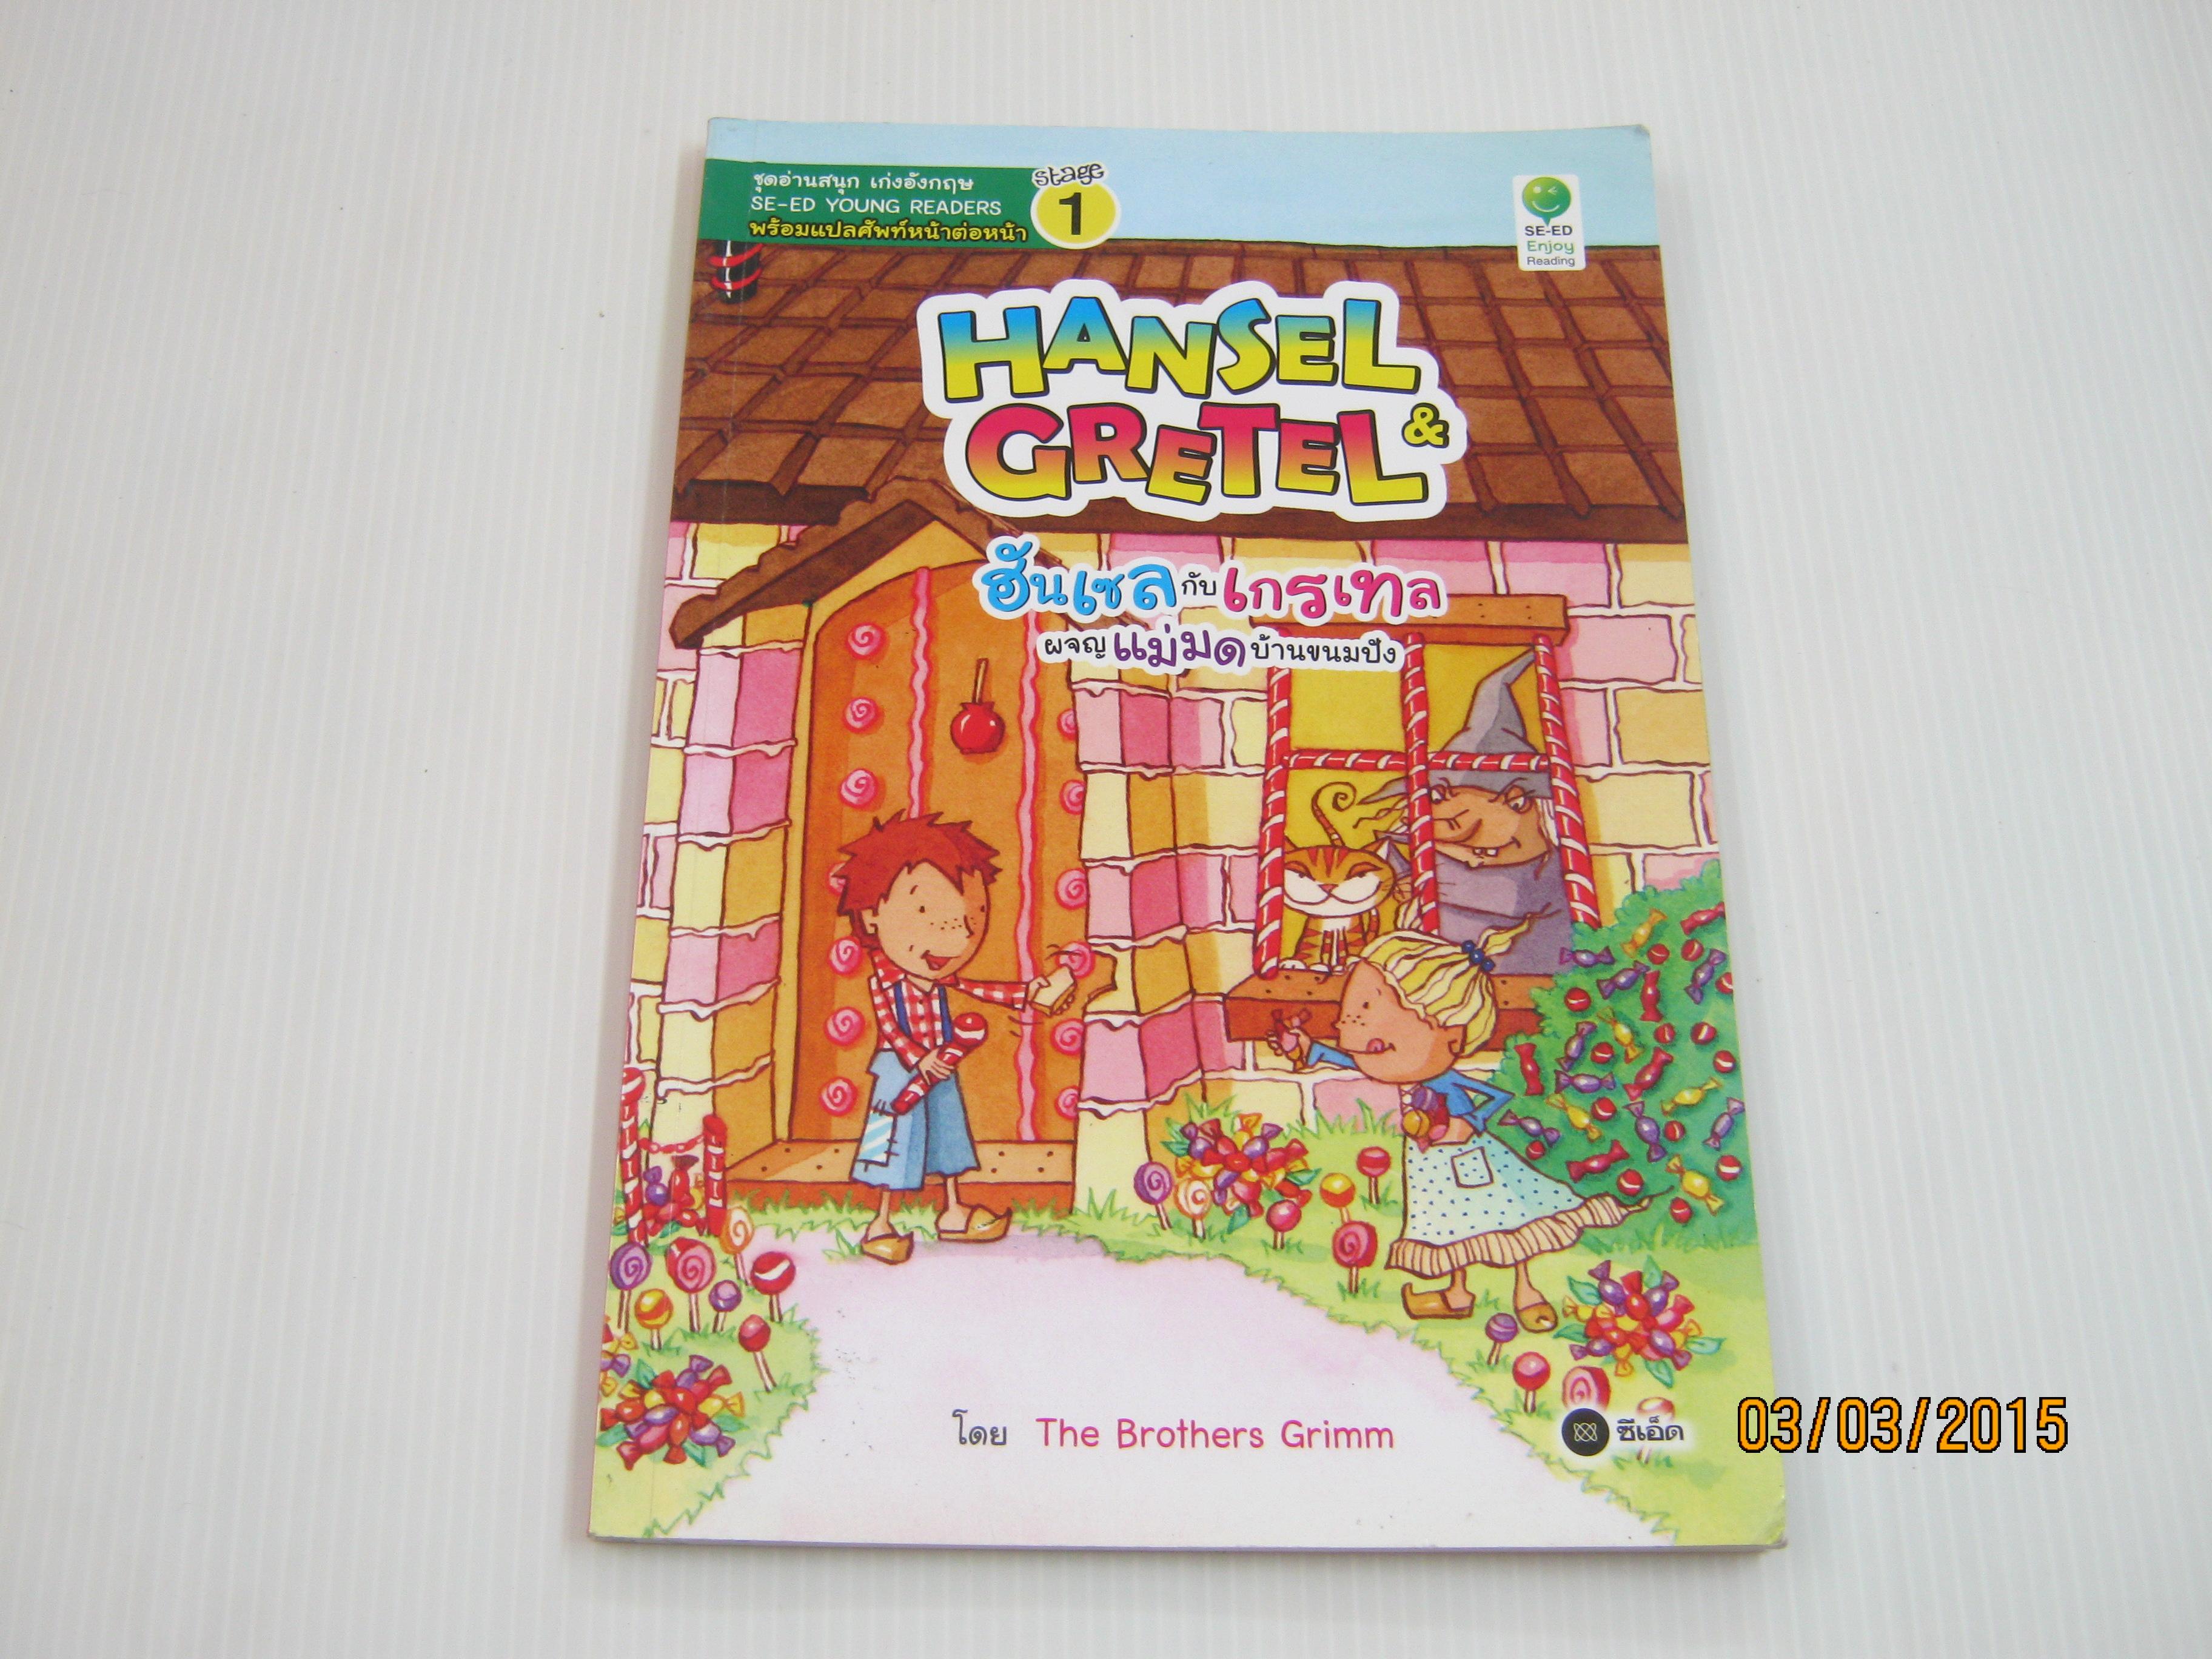 ฮันเซลกับเกรเทล ผจญแม่มดบ้านขนมปัง (Hansel & Gretel) โดย The Brothers Grimm